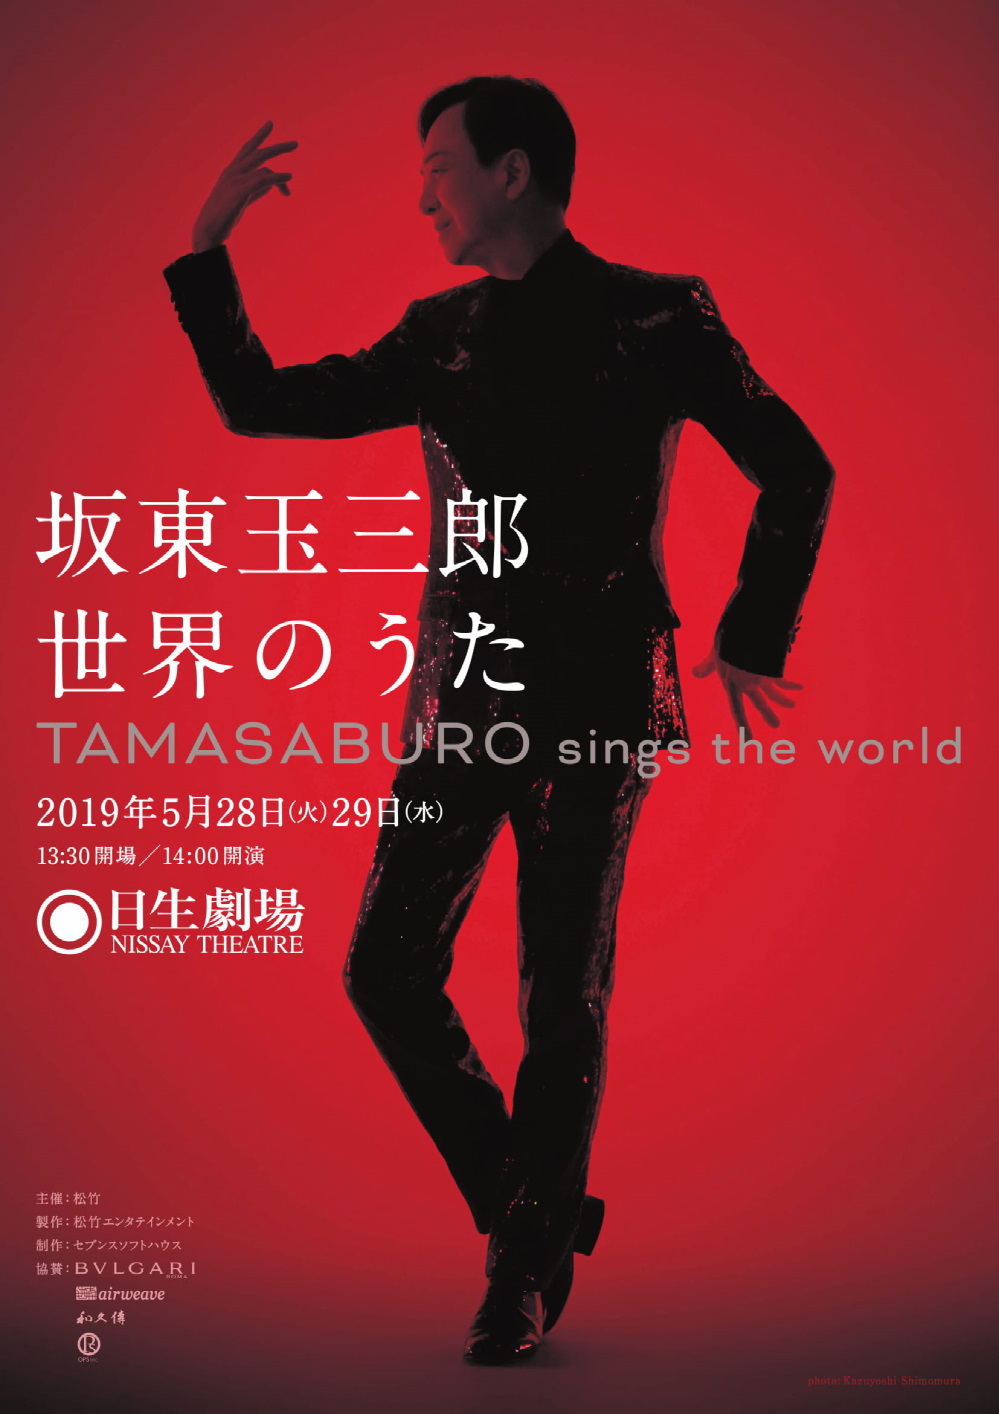 「坂東玉三郎 世界のうた」公演に向けて